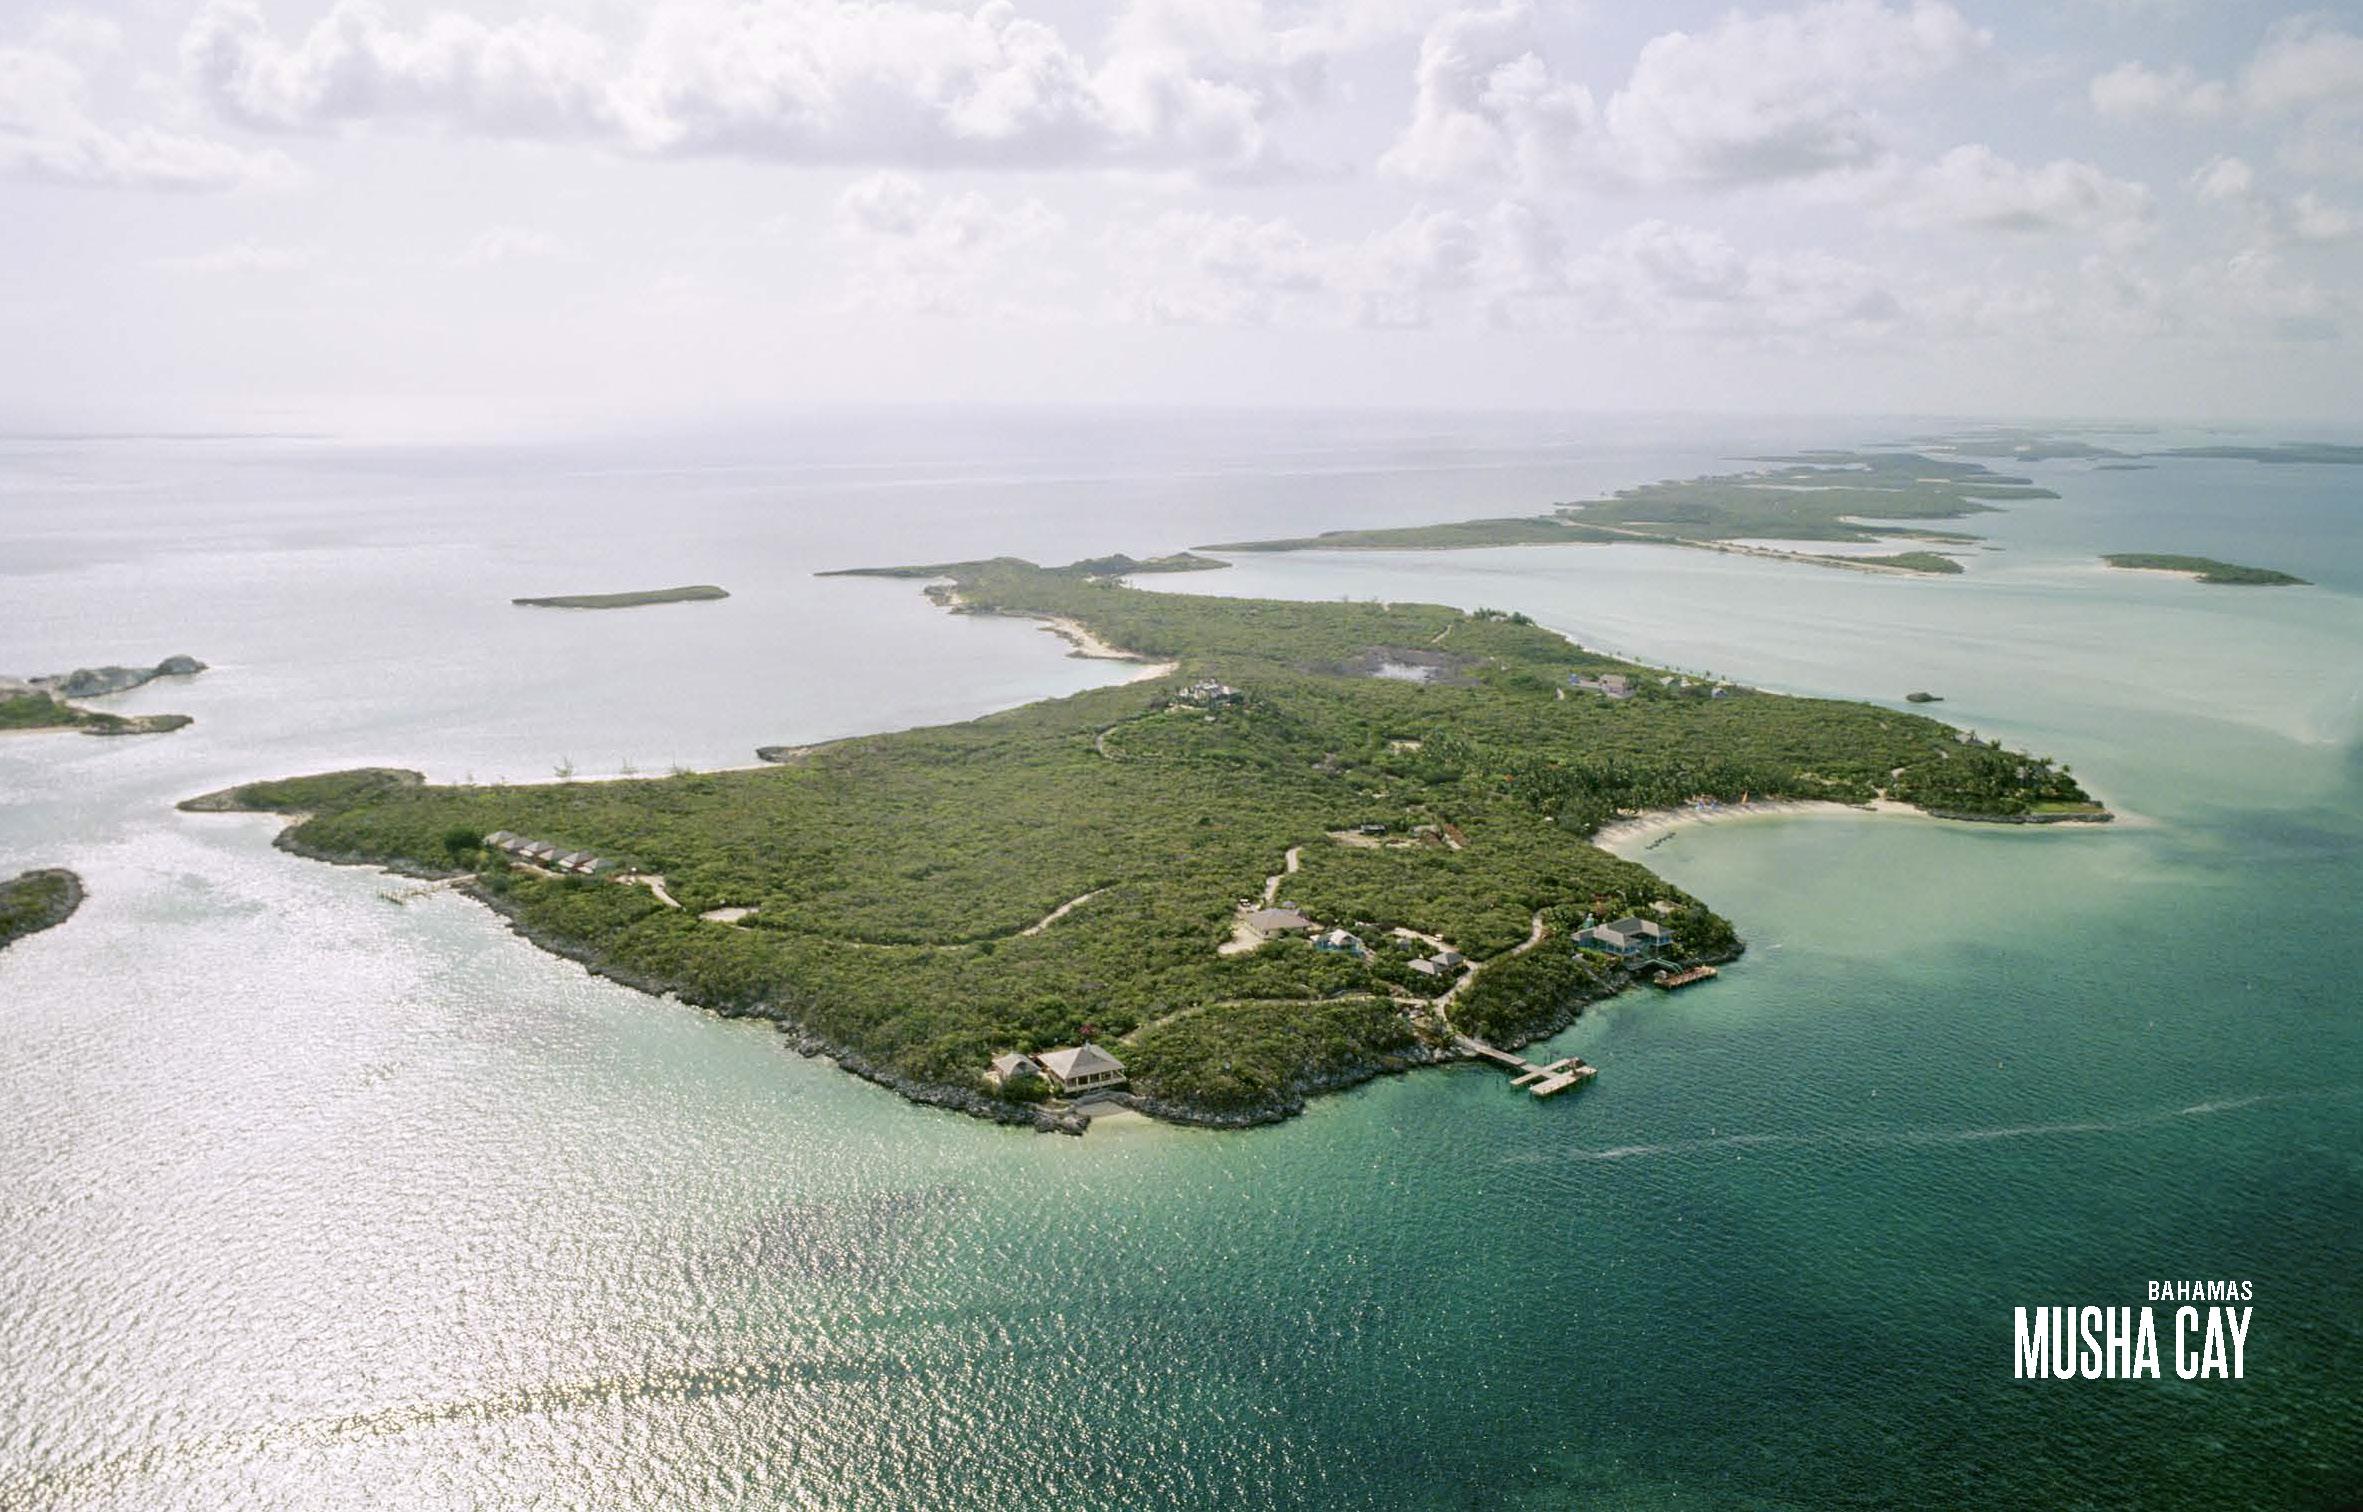 Bahamas Musha Cay